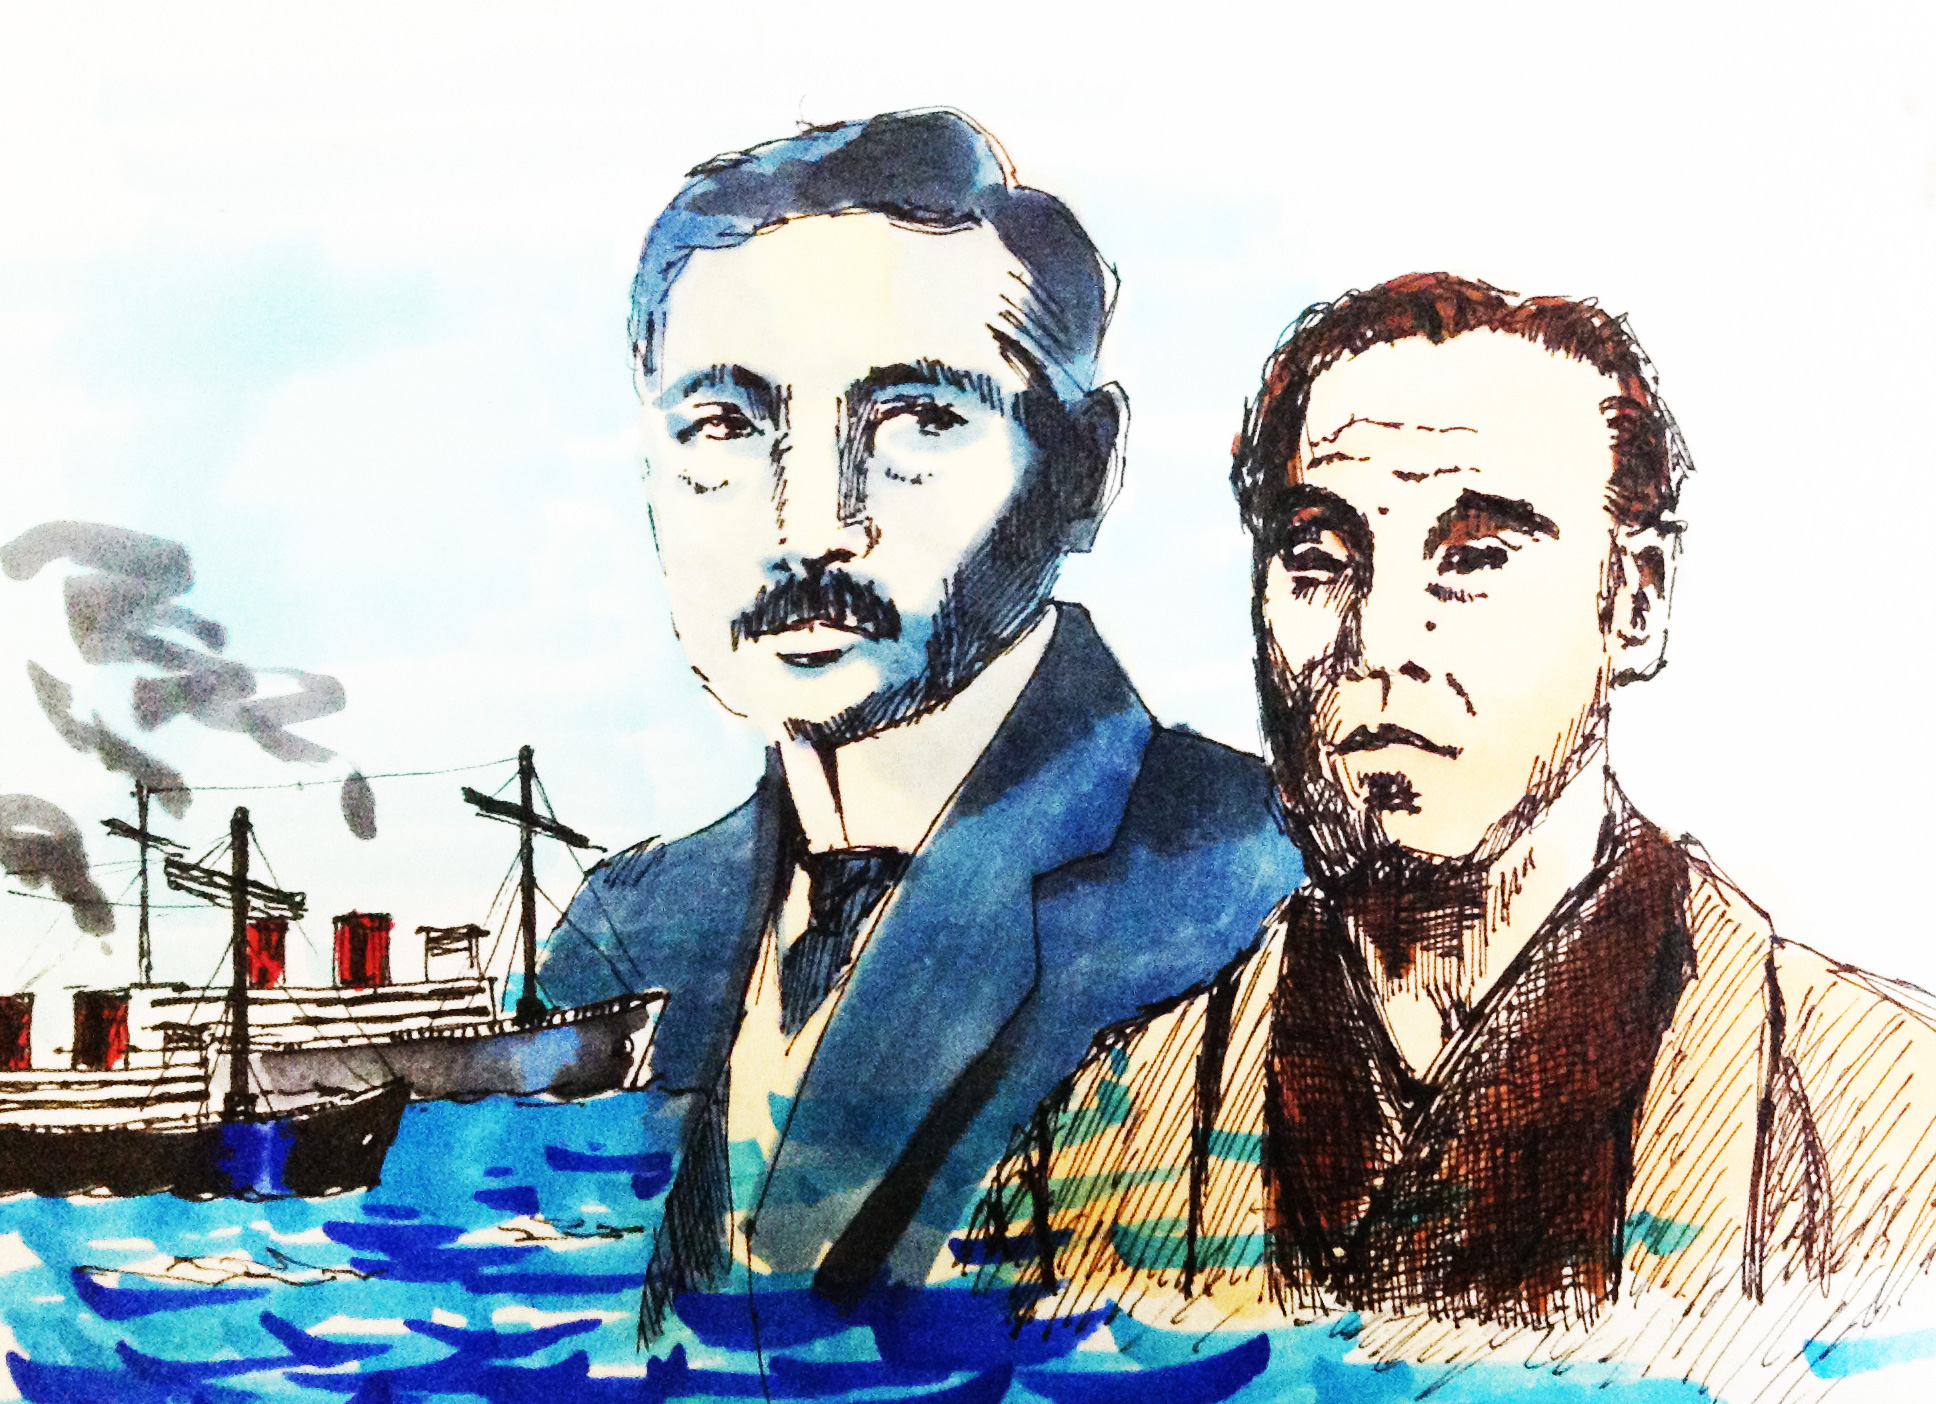 明治以降大量に輸入された外来語を日本語に翻訳した偉人達のイメージをコピックで描いたイラスト